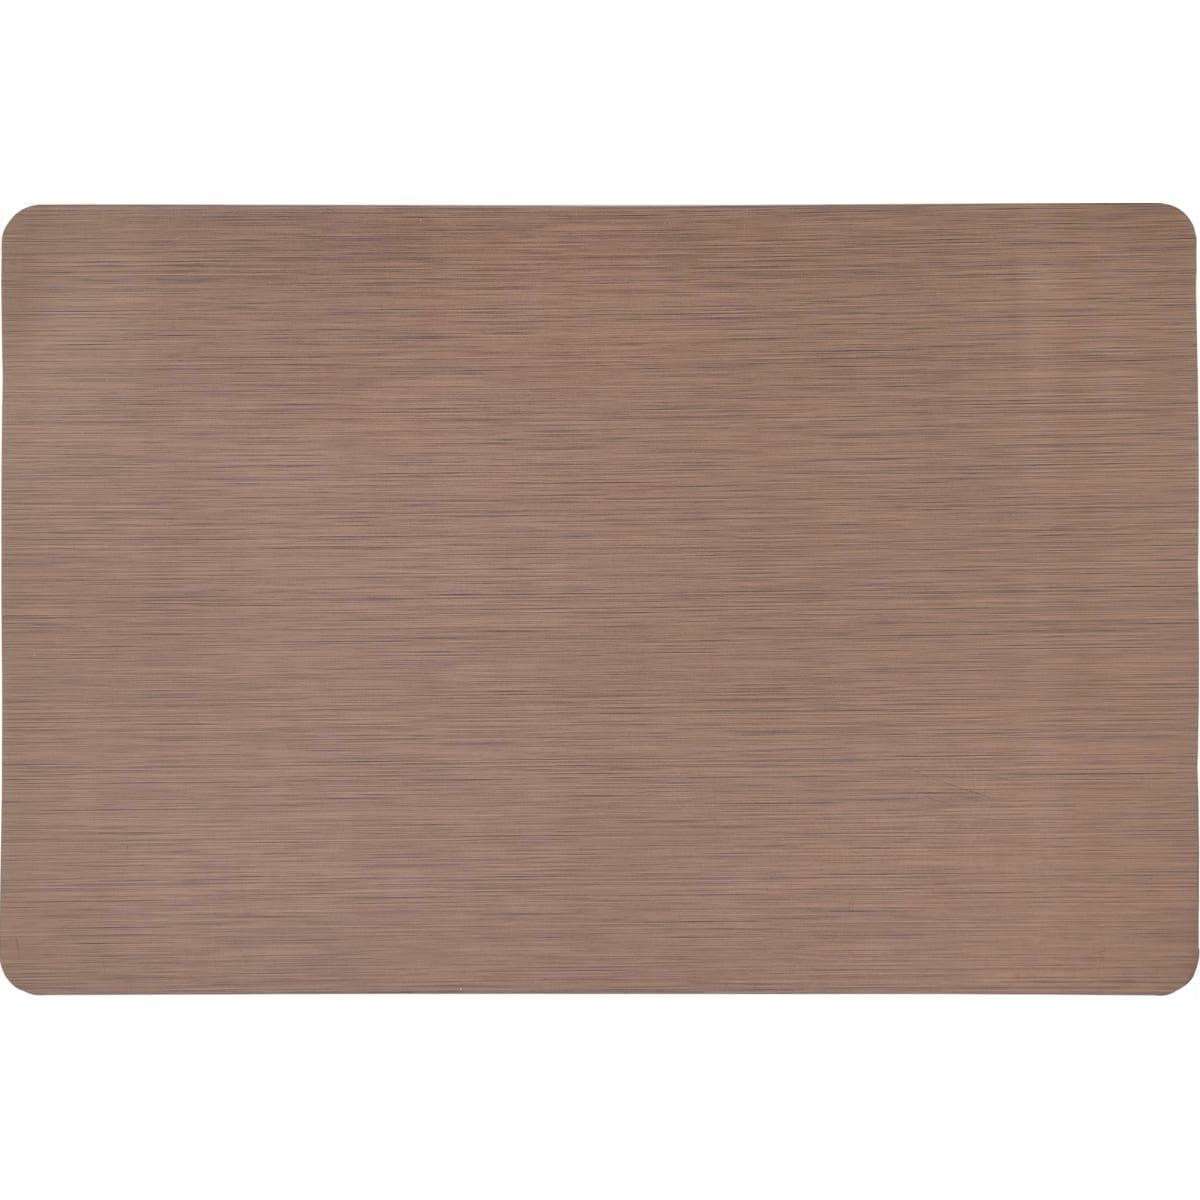 Салфетка сервировочная «Классика», 30x45 см, цвет кофе